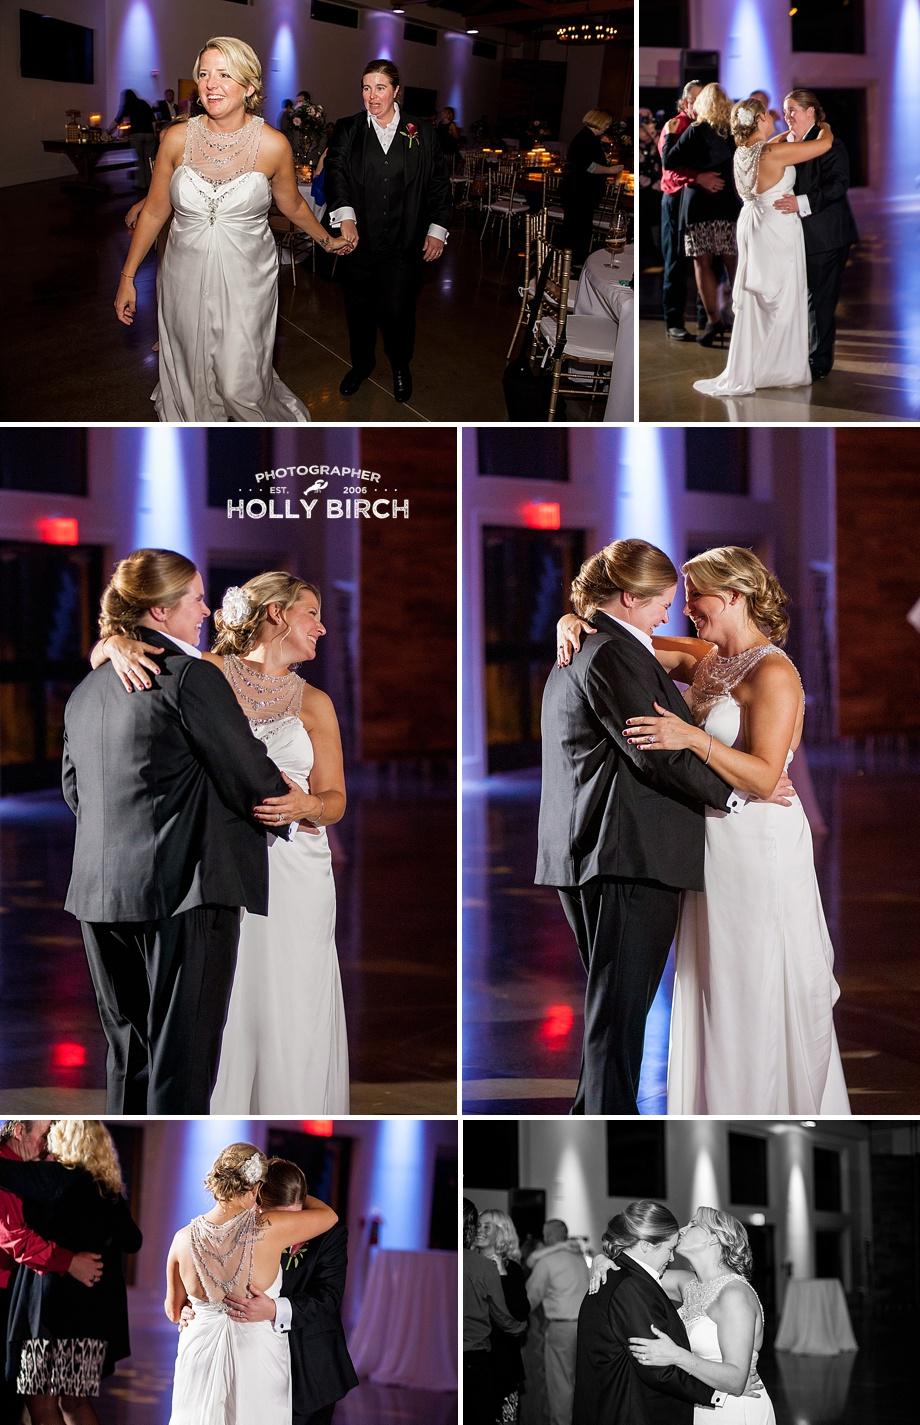 same-sex wedding dancing together during reception